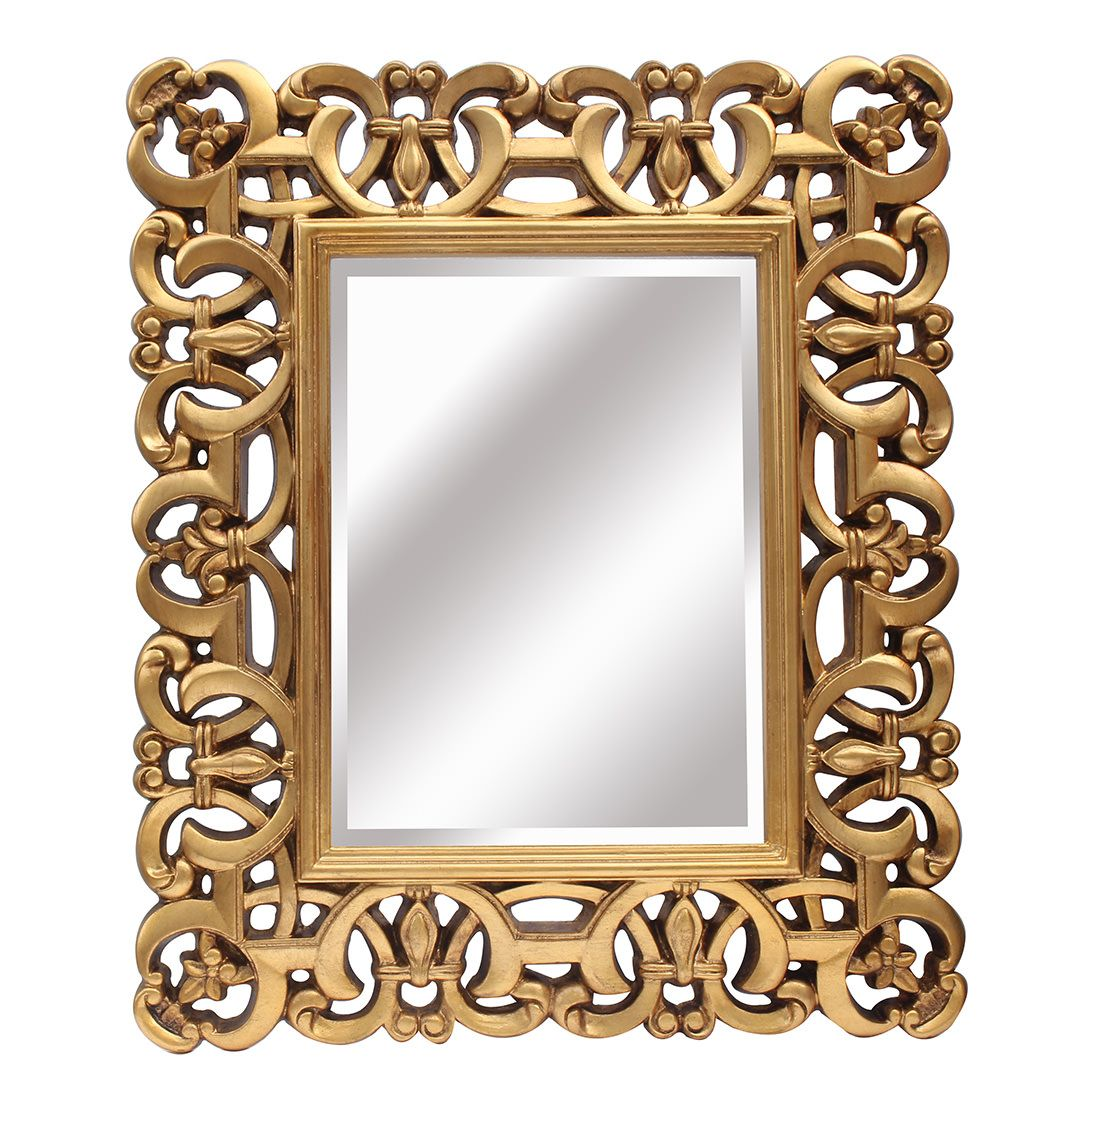 Espejo de resina cuadrado dorado lleno de molduras y con un bonito marco - Espejos de resina ...